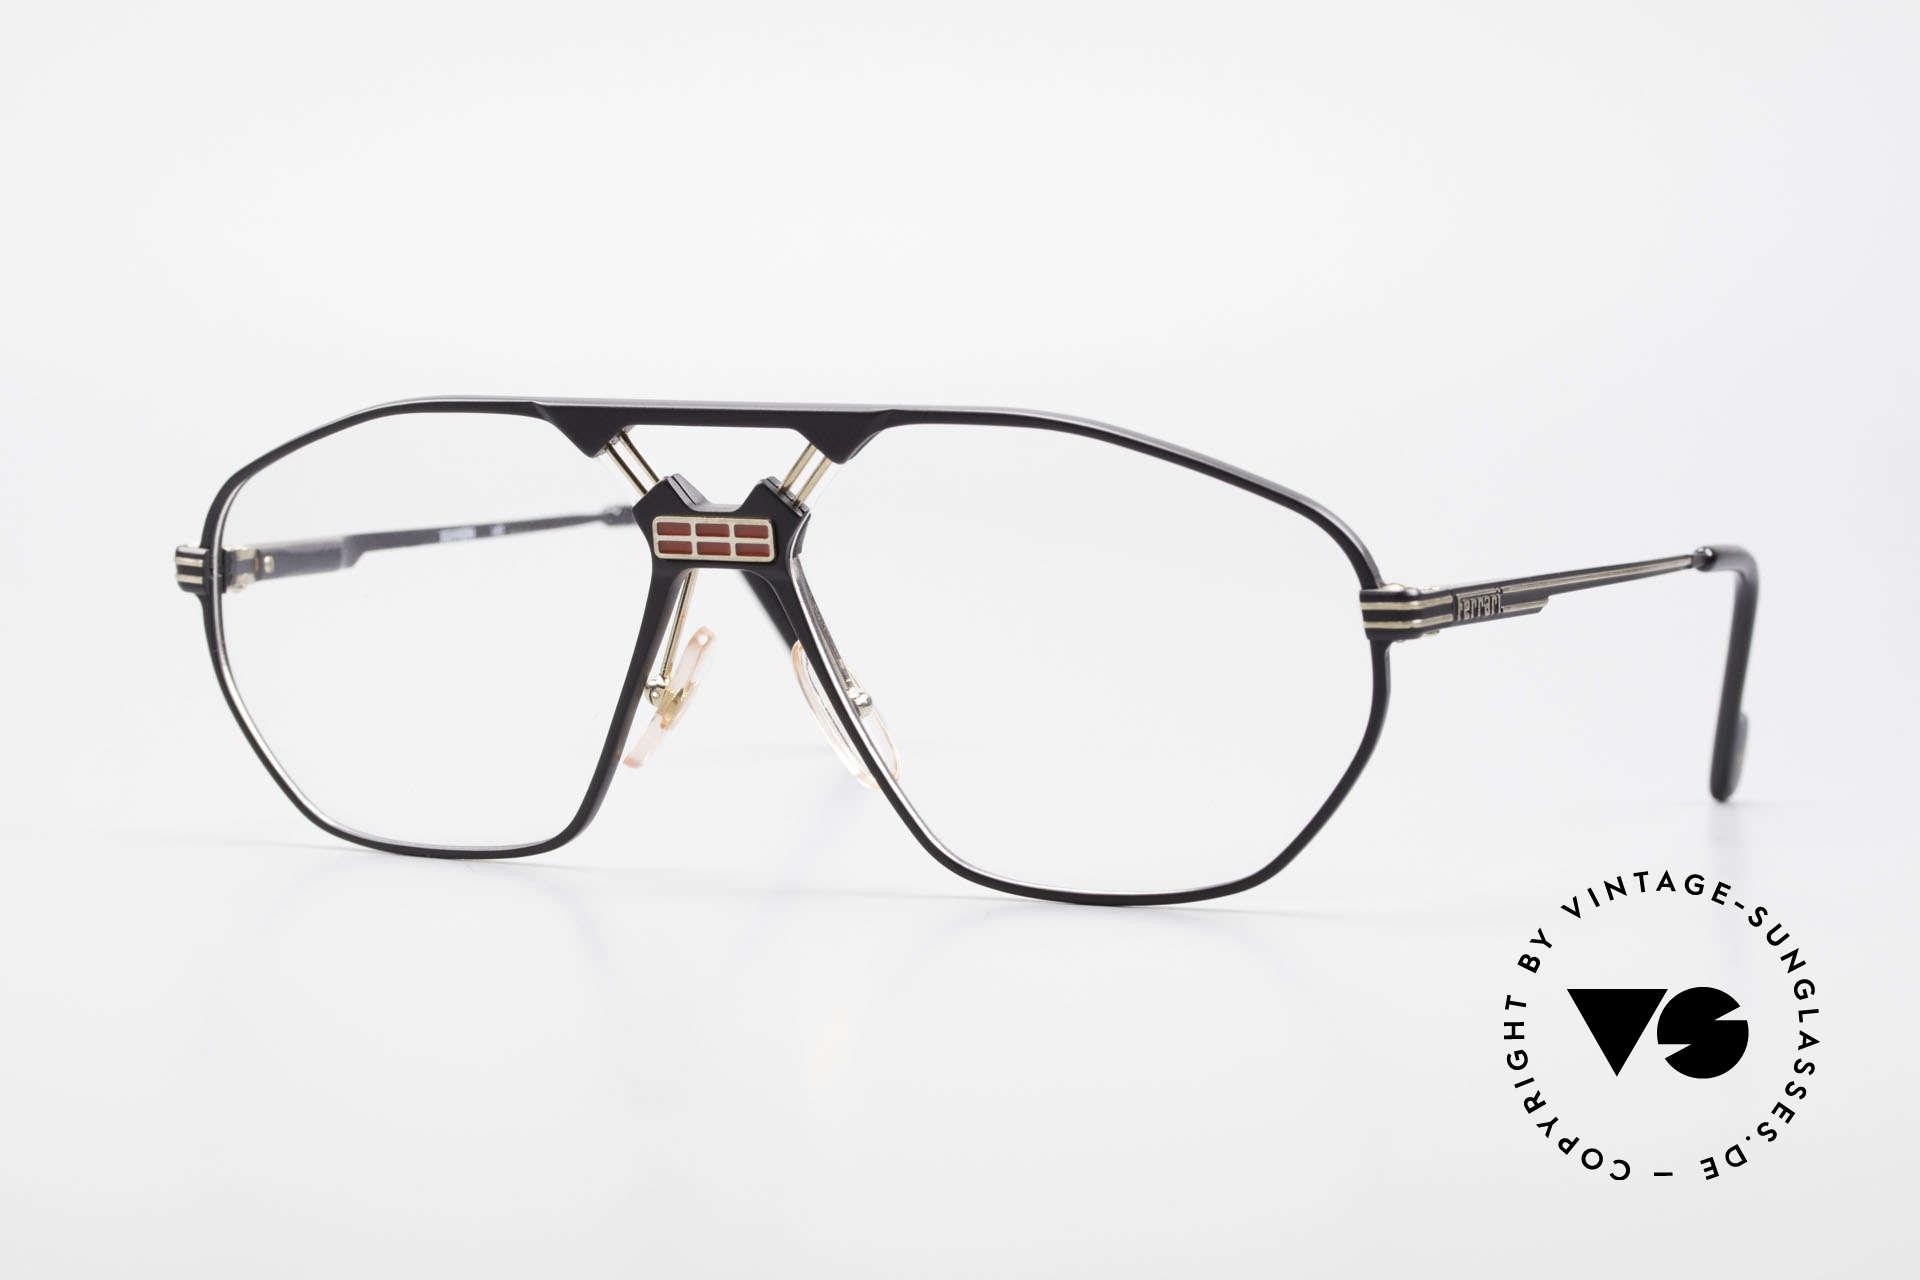 Ferrari F22 Men's Rare Vintage Glasses 90s, luxury designer eyeglasses by Ferrari from 1992/93, Made for Men